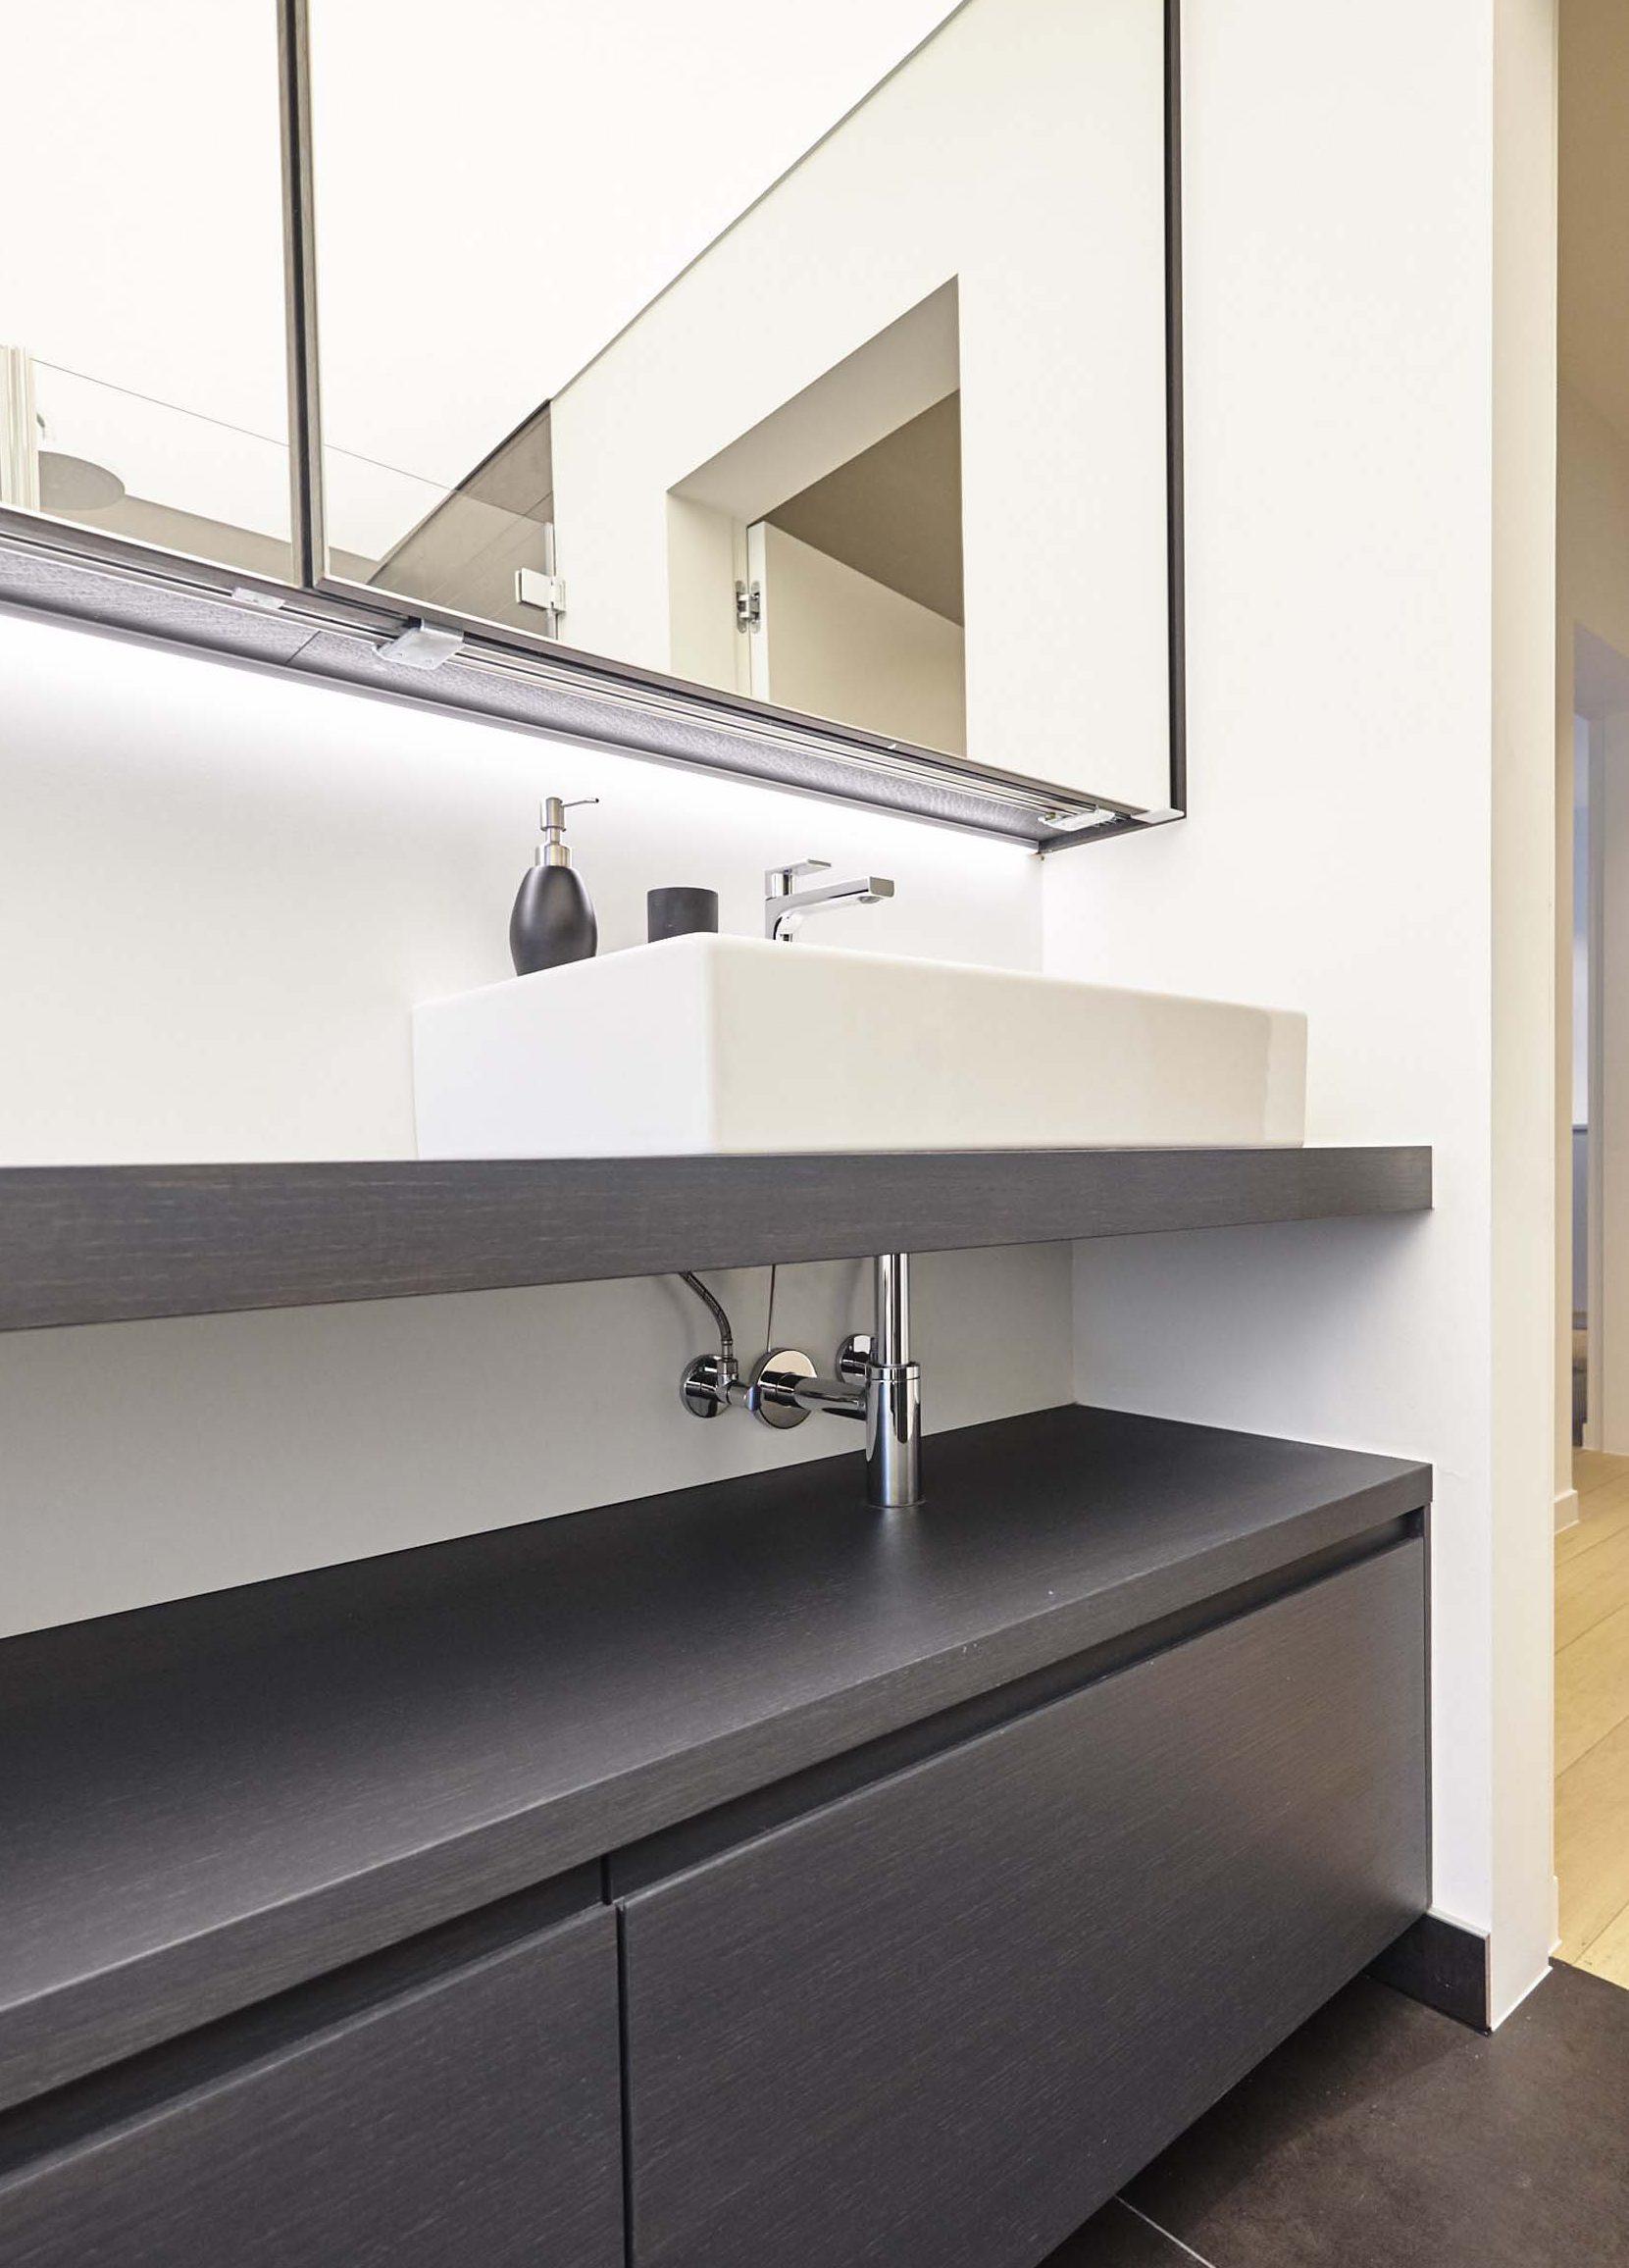 Vanda-projects-interieurinrichting-meubelmakerij-oost-vlaanderen-six-gent-wasbak